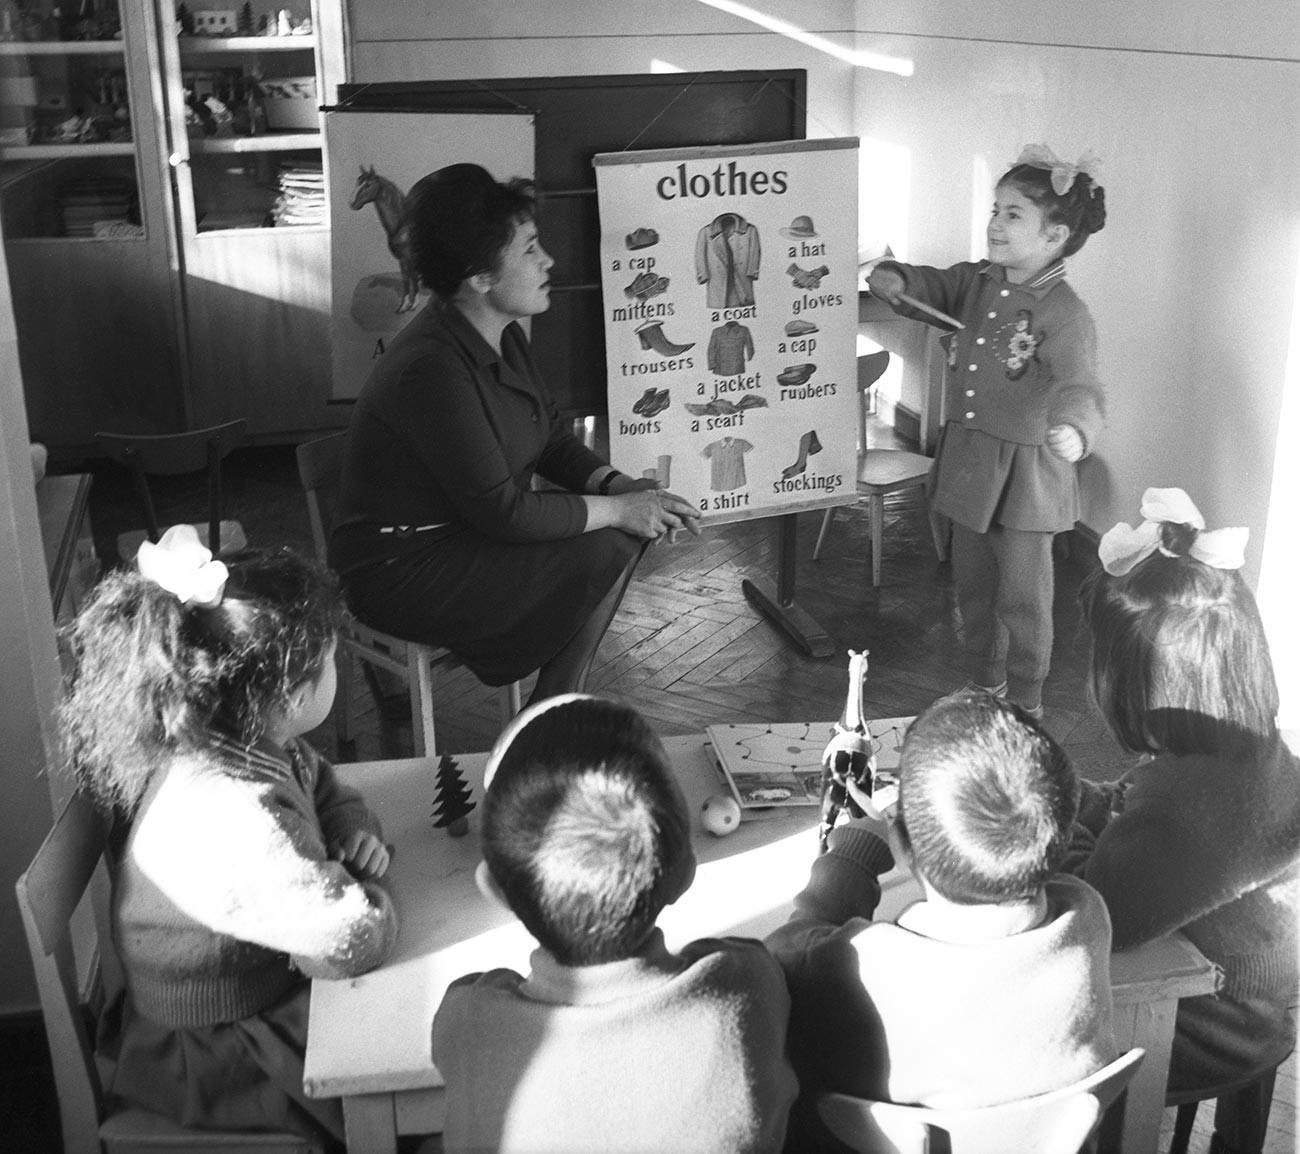 Splošno znano je, da se otroci tujih jezikov učijo hitreje kot odrasli.